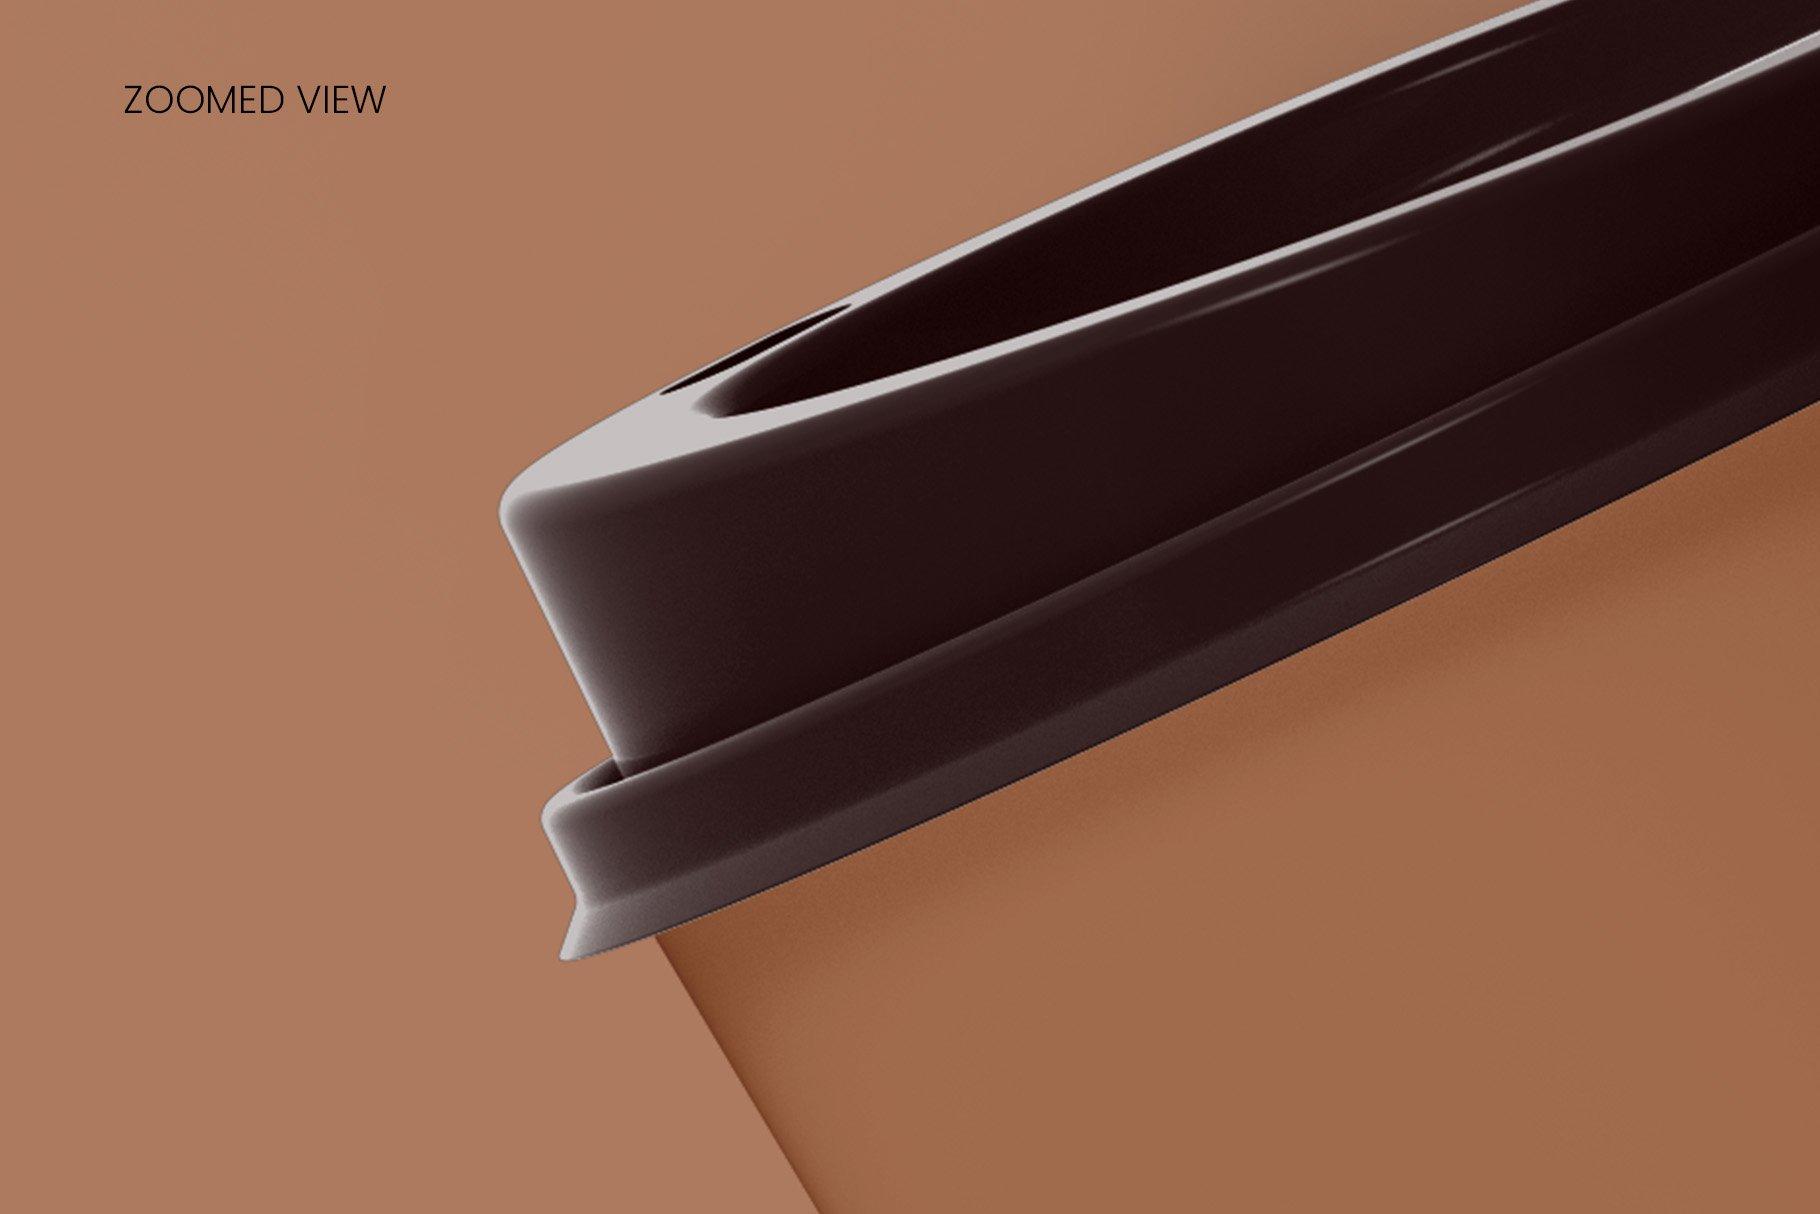 8个一次性咖啡外卖纸杯设计贴图样机模板 Coffee Cup Mockup – 8 views插图10